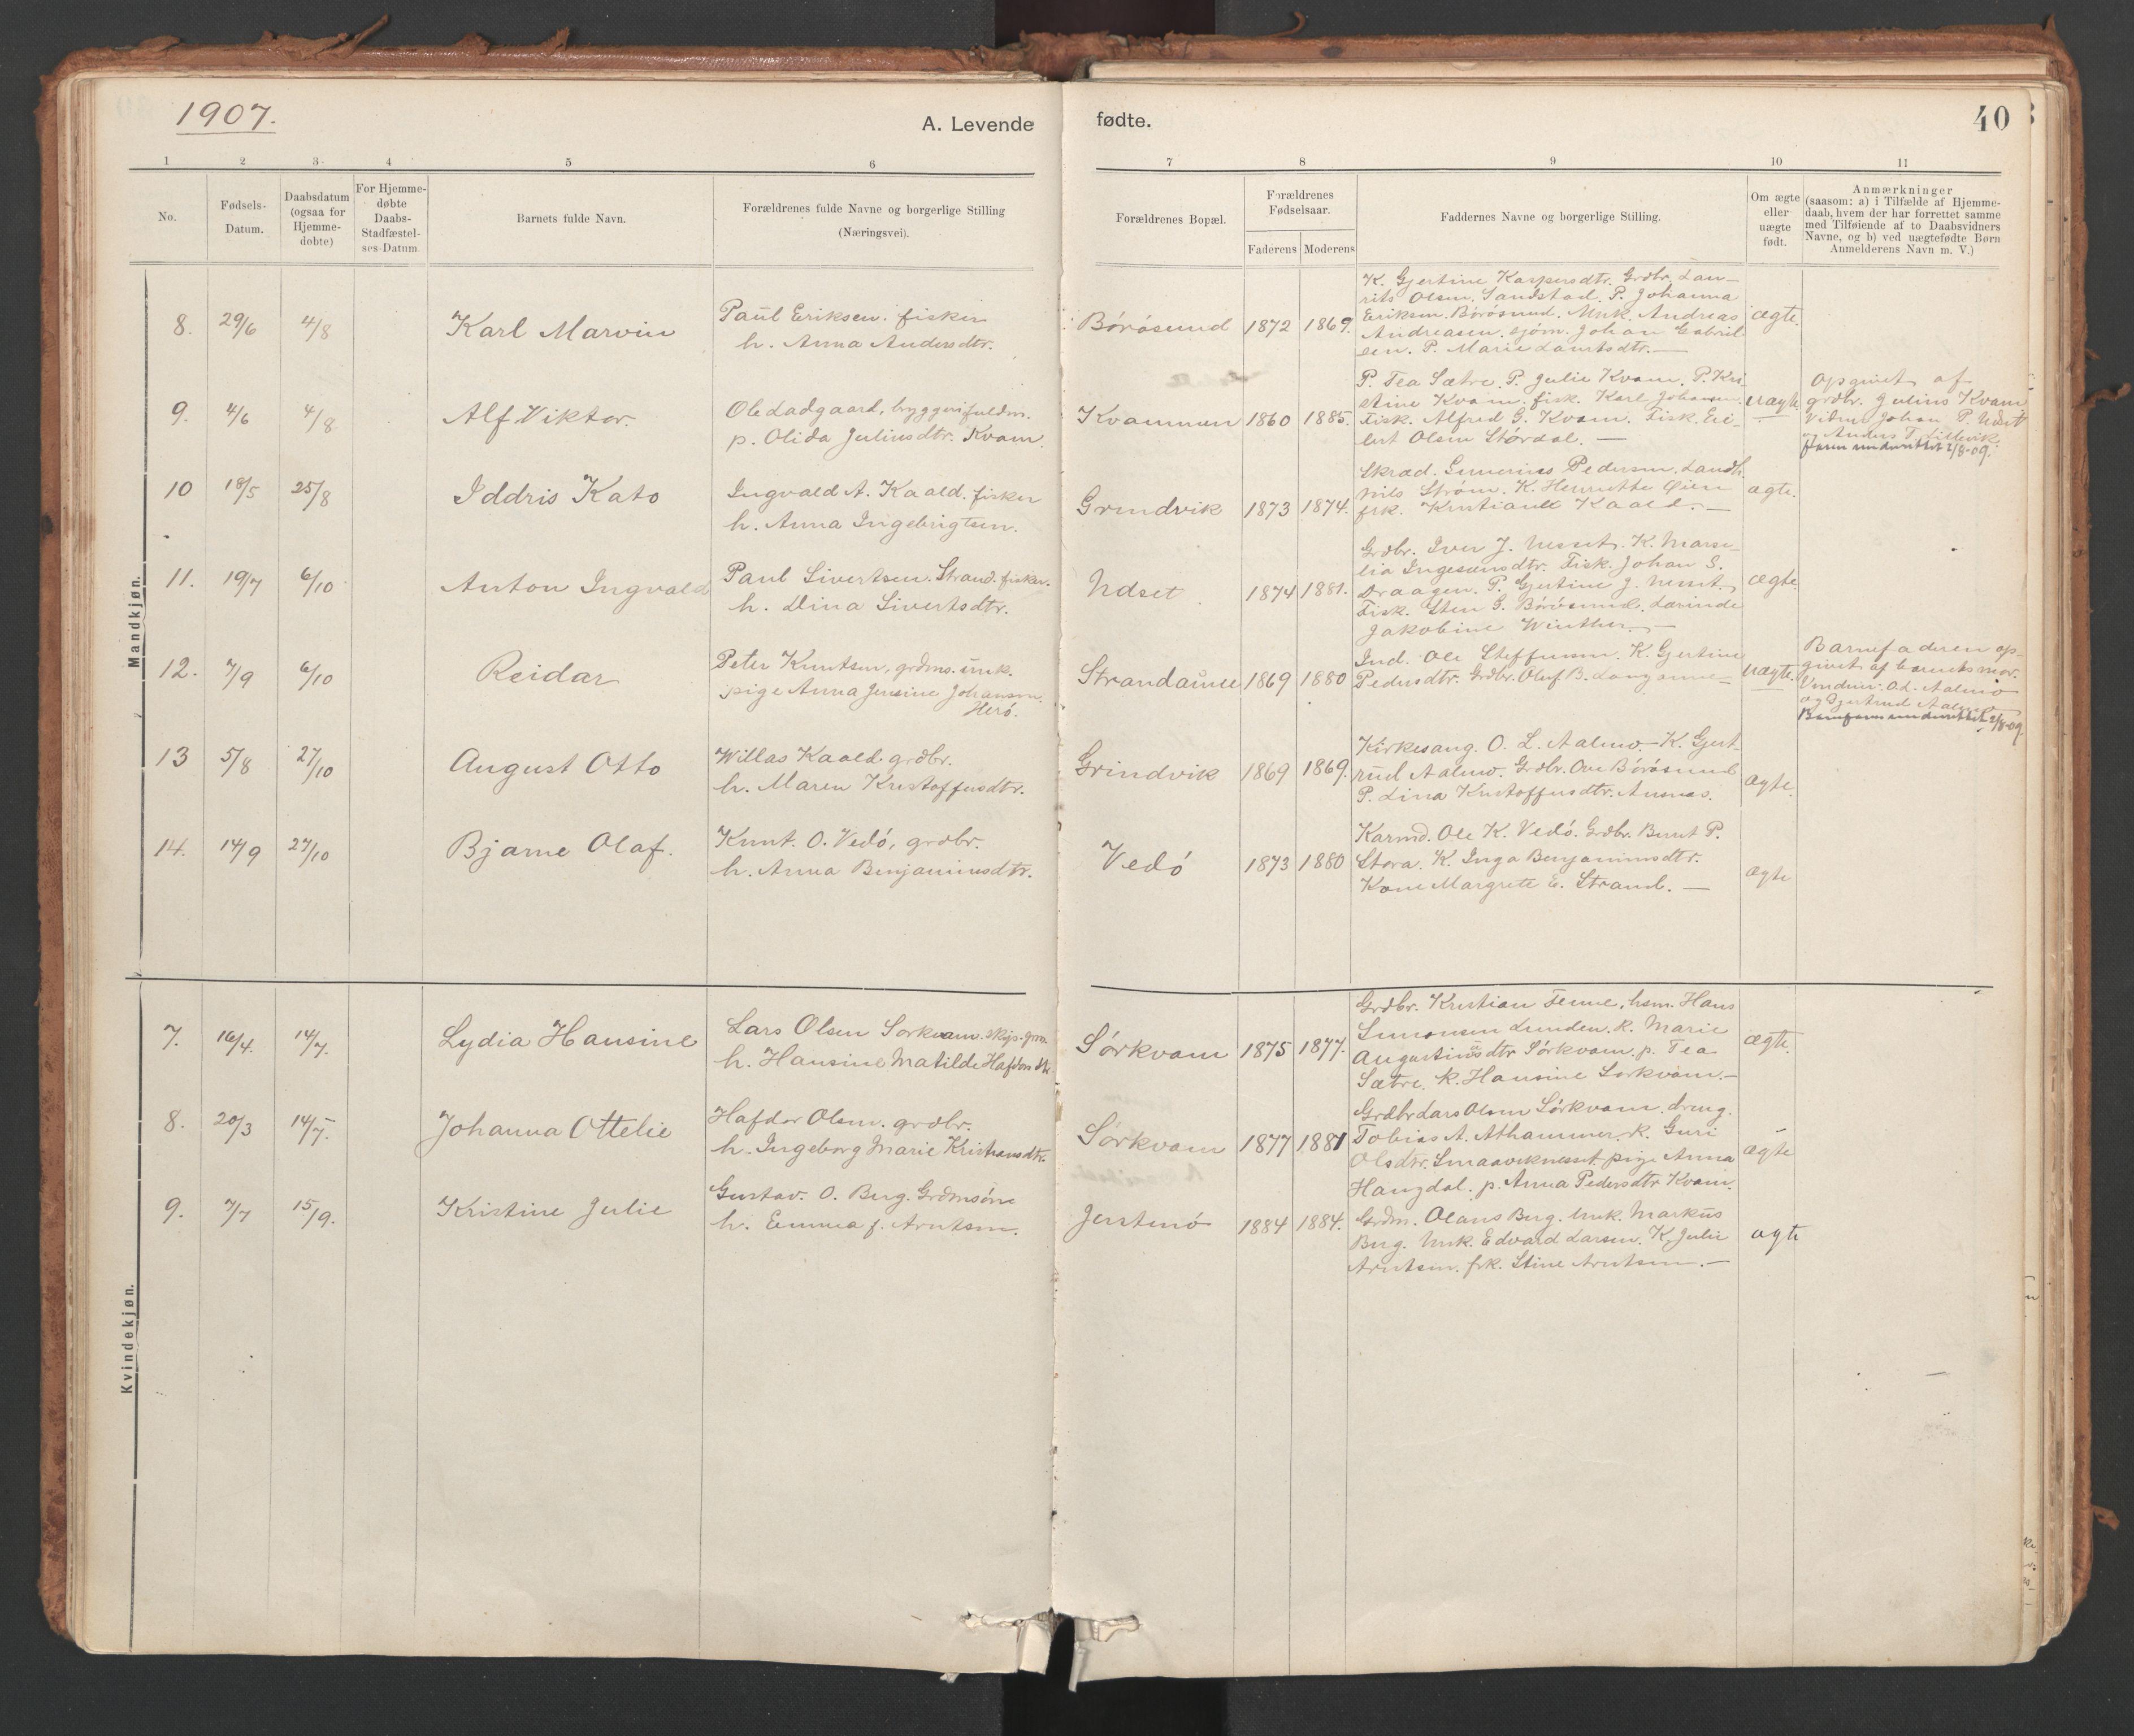 SAT, Ministerialprotokoller, klokkerbøker og fødselsregistre - Sør-Trøndelag, 639/L0572: Ministerialbok nr. 639A01, 1890-1920, s. 40